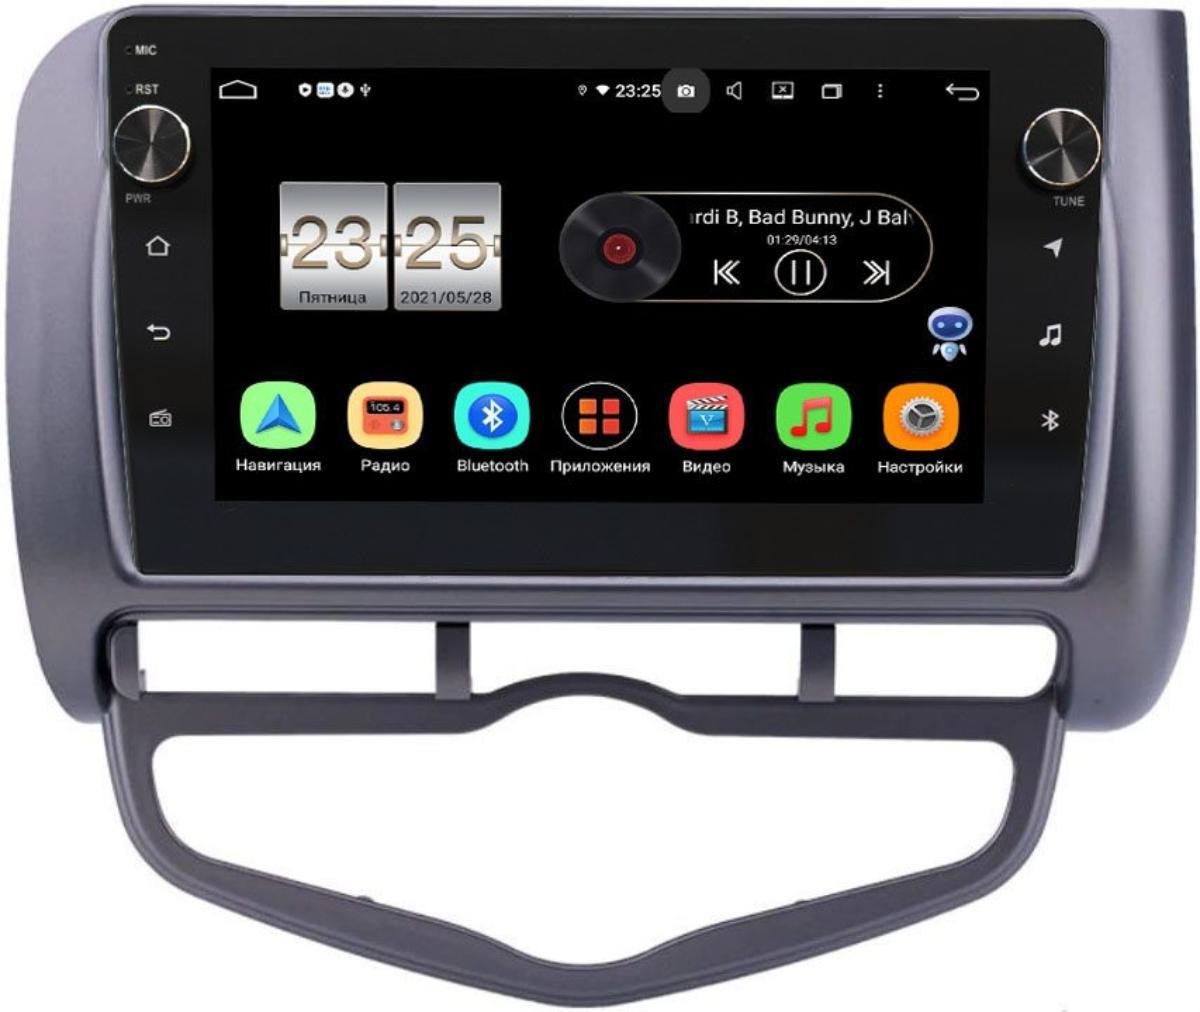 Штатная магнитола Honda Jazz I 2001-2008 (левый руль) LeTrun BPX409-9267 на Android 10 (4/32, DSP, IPS, с голосовым ассистентом, с крутилками) (+ Камера заднего вида в подарок!)